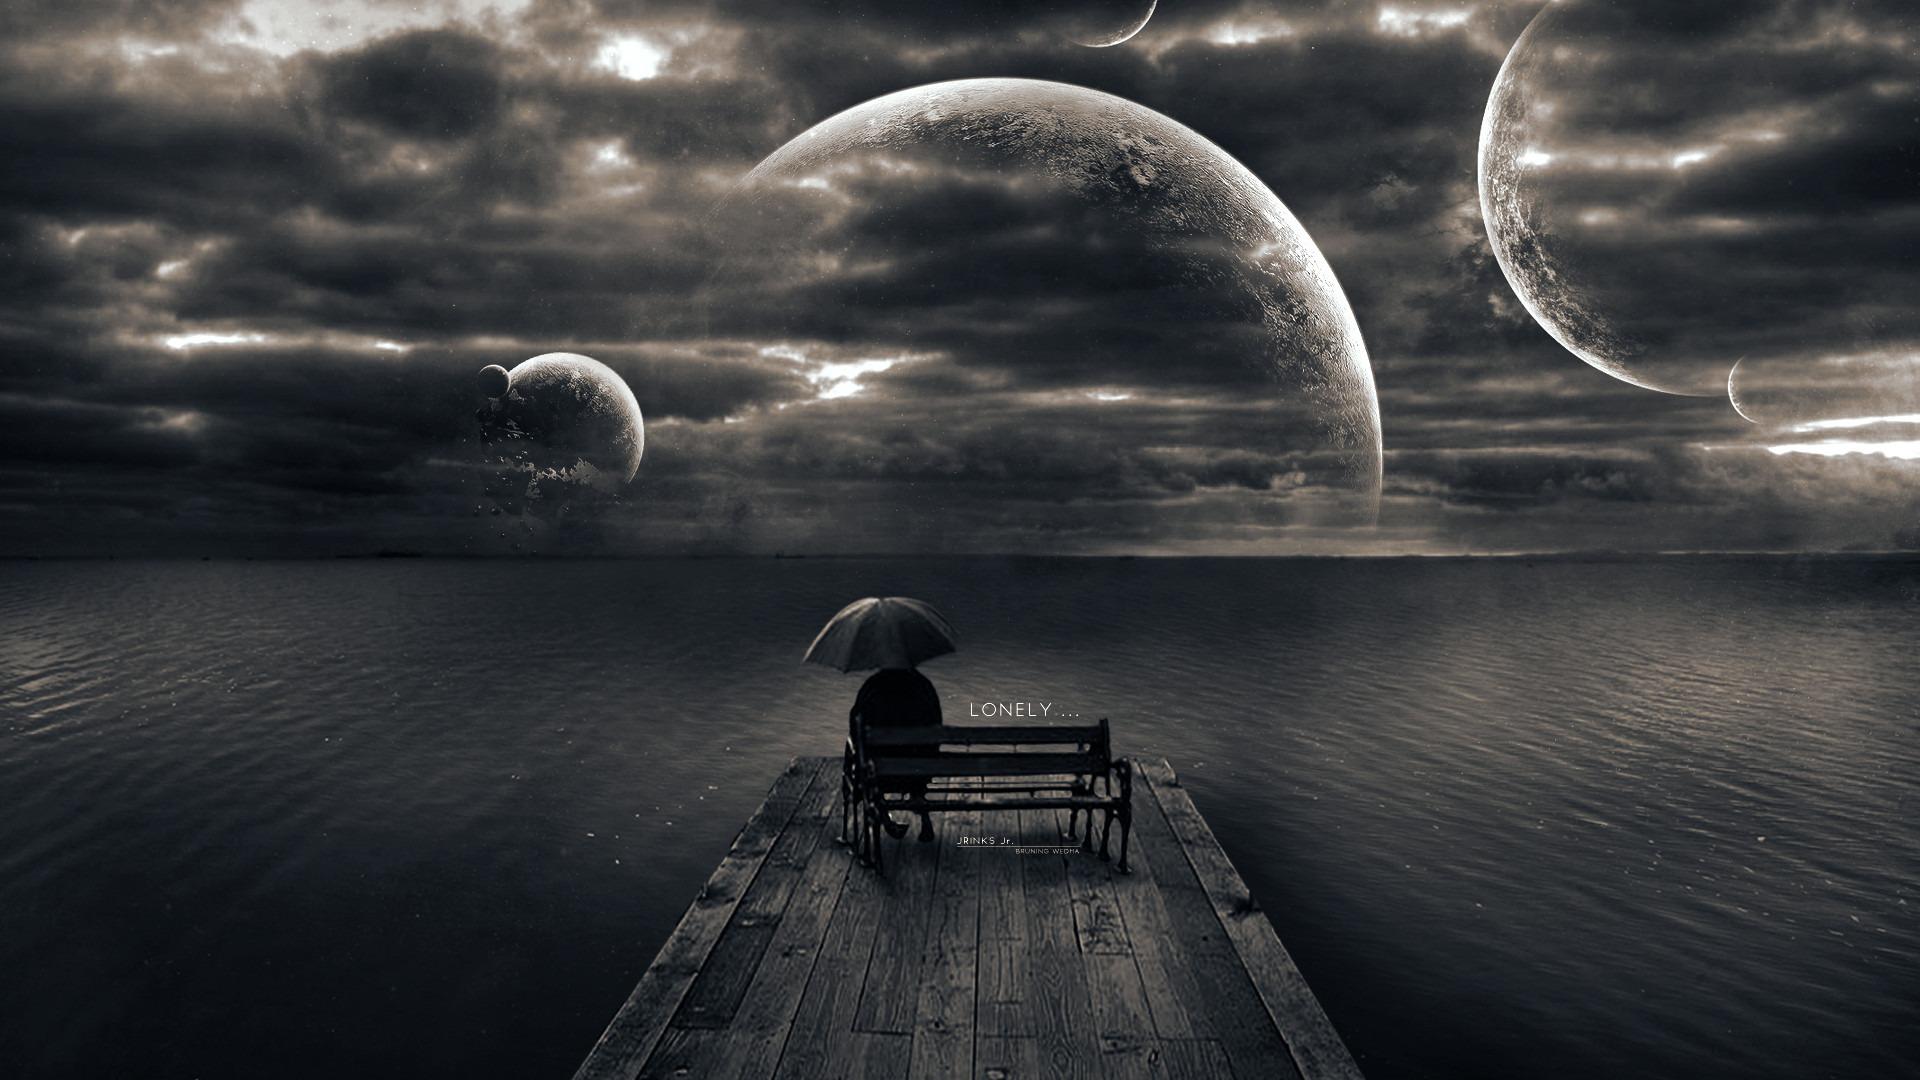 Feel-Lonely-Wallpaper-Feeling-lonely